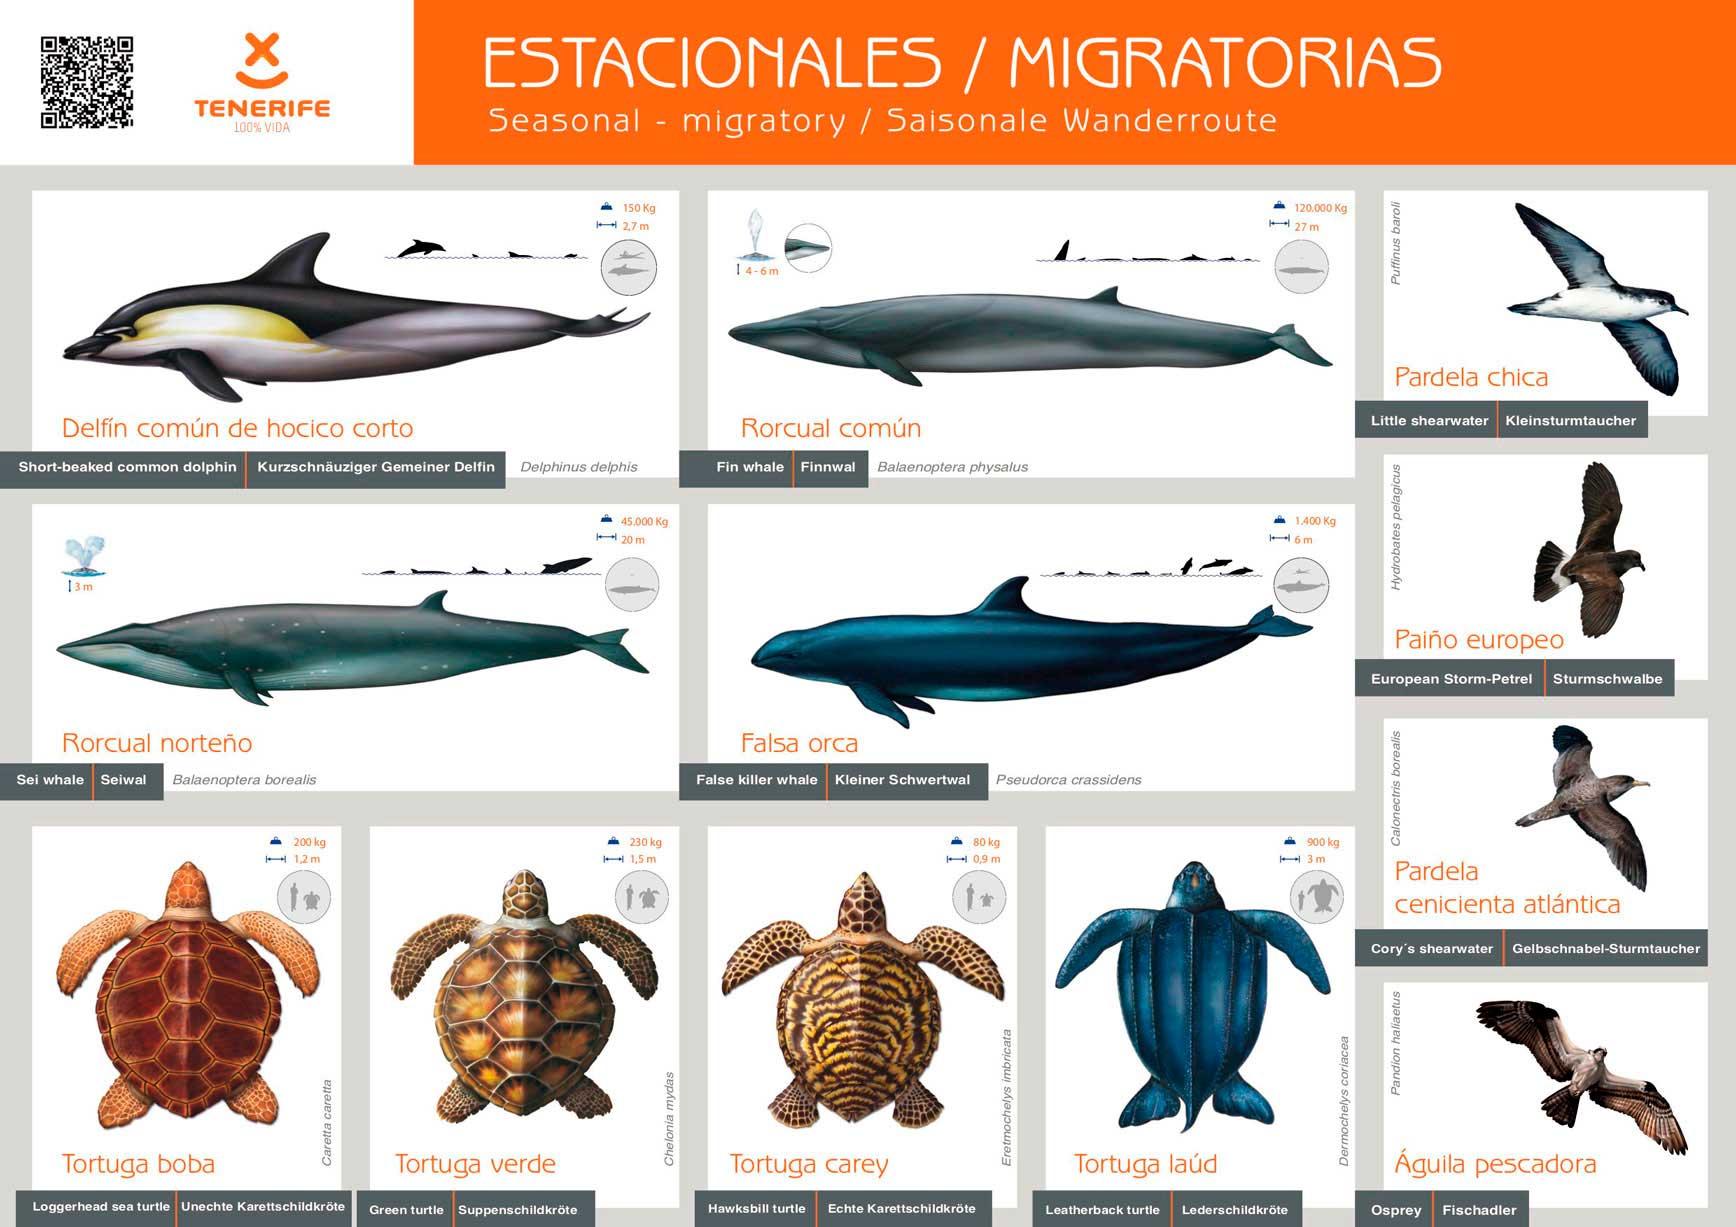 Big Smile Charters · Avistamiento de cetáceos en el sur de Tenerife. Excursiones en barco en Tenerife. Excusiones a Masca. Excursiones a La Gomera. Charters privados en barco. Excursiones sostenibles. Avistamiento de ballenas Tenerife. Avistamiento de delfines en Tenerife. Fauna marina en Tenerife.